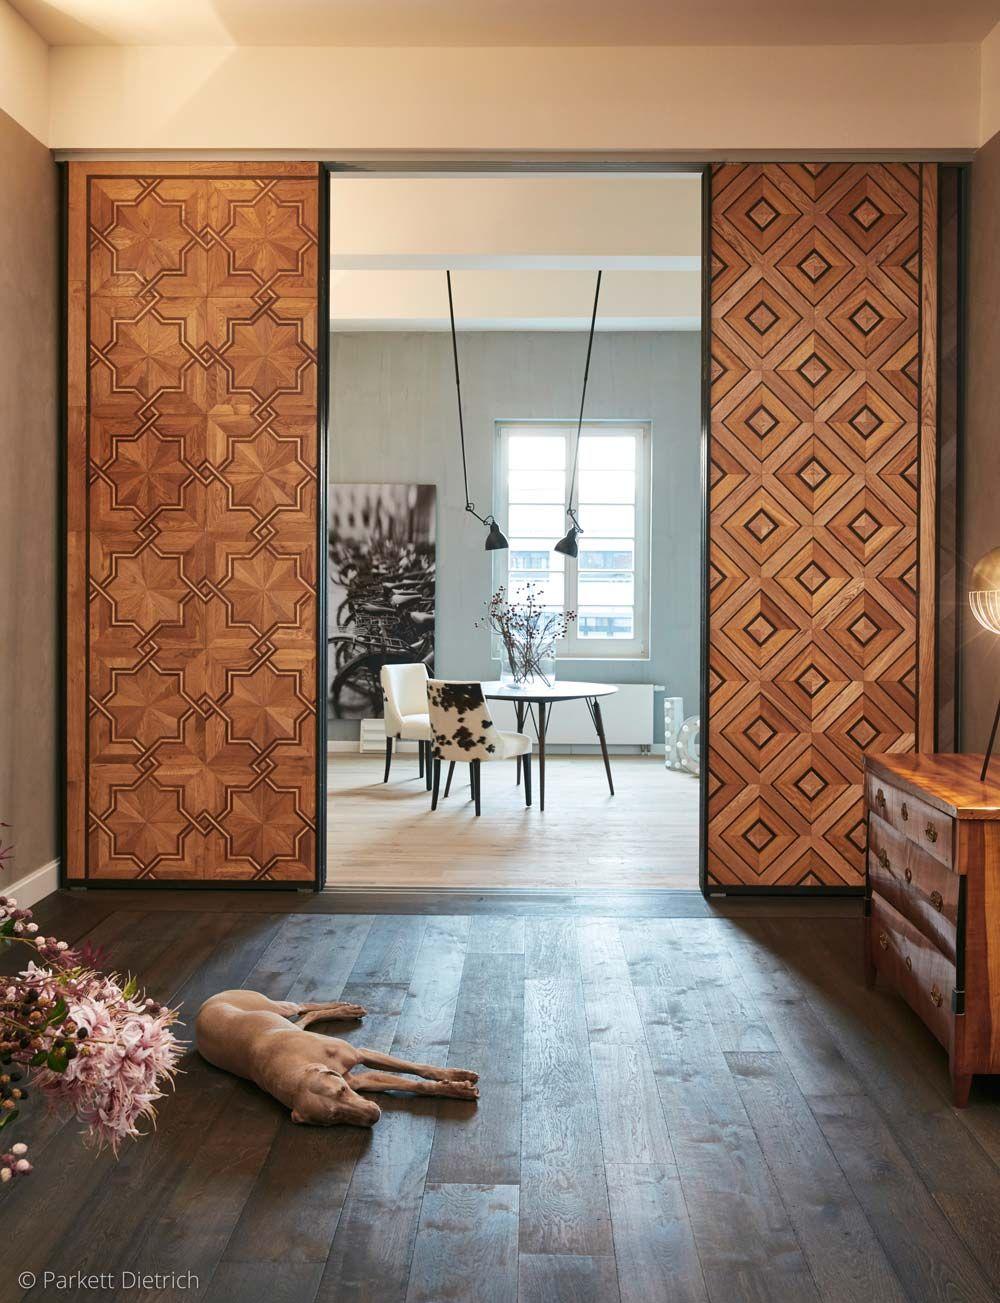 Holzboden - Interior Inspiration bei Parkett Dietrich | Cozy ...